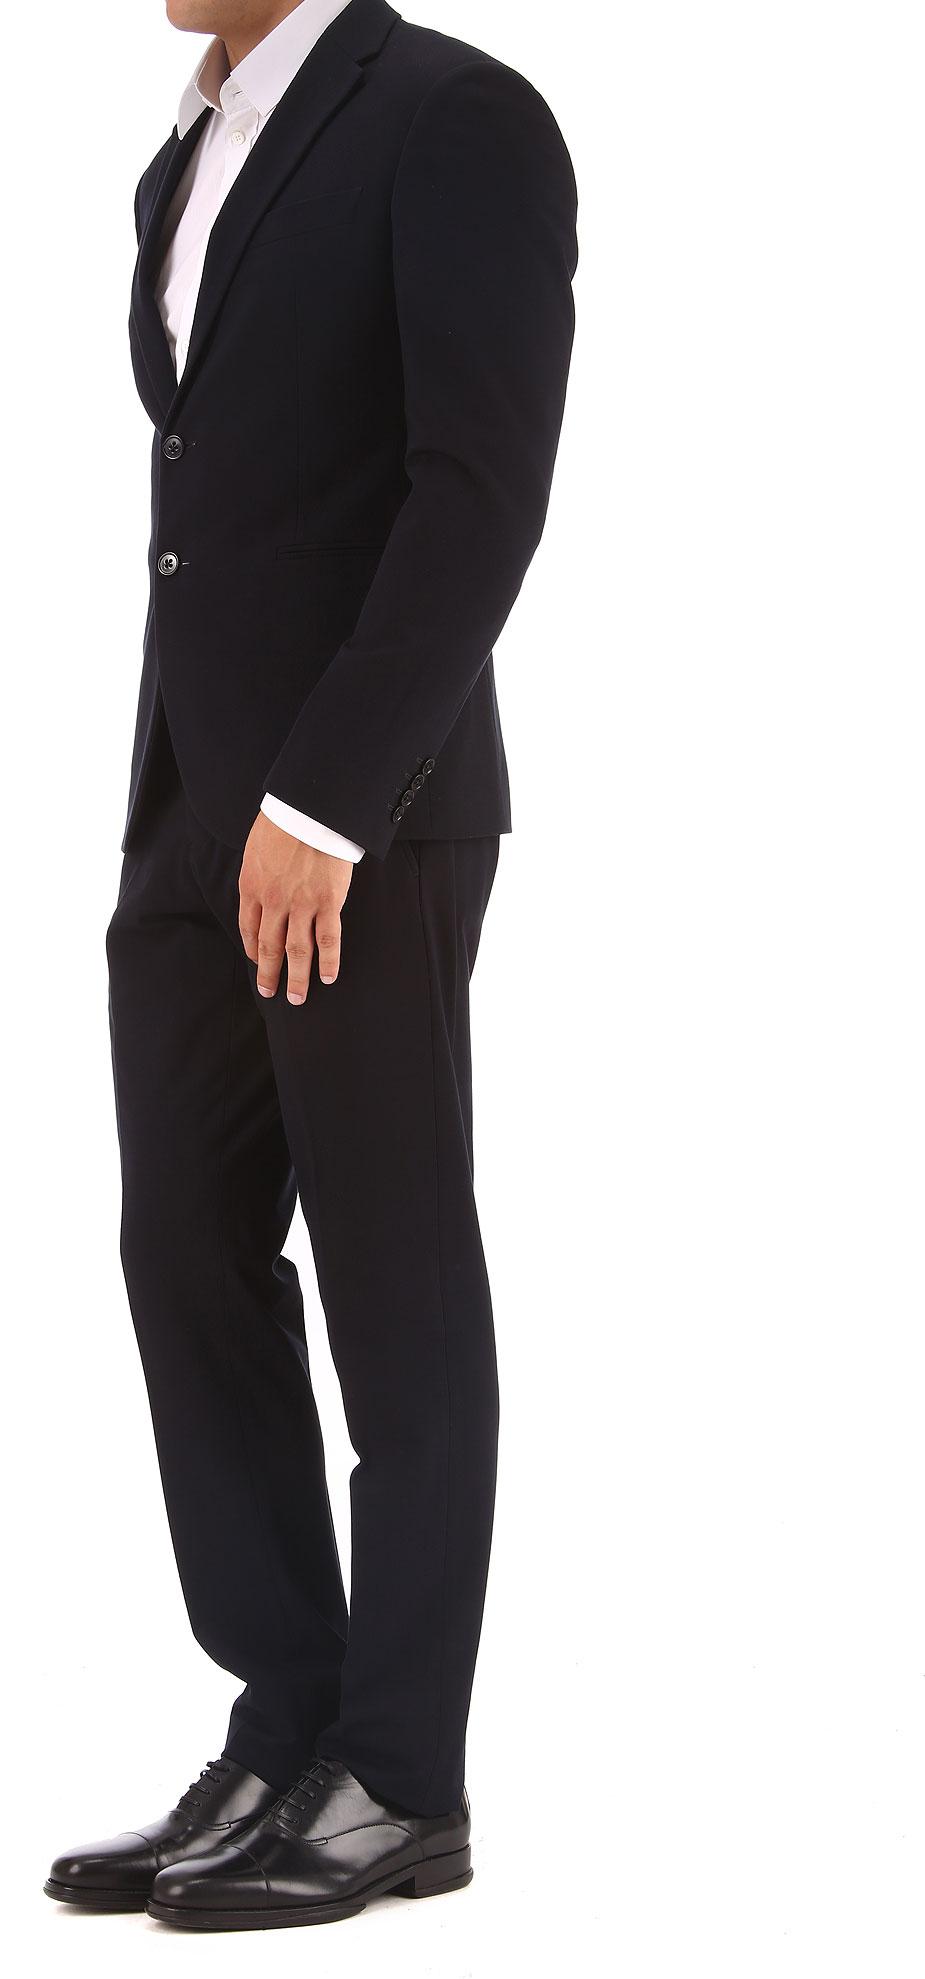 Abbigliamento Uomo Emporio Armani, Codice Articolo: ucvmcs-0b030-926